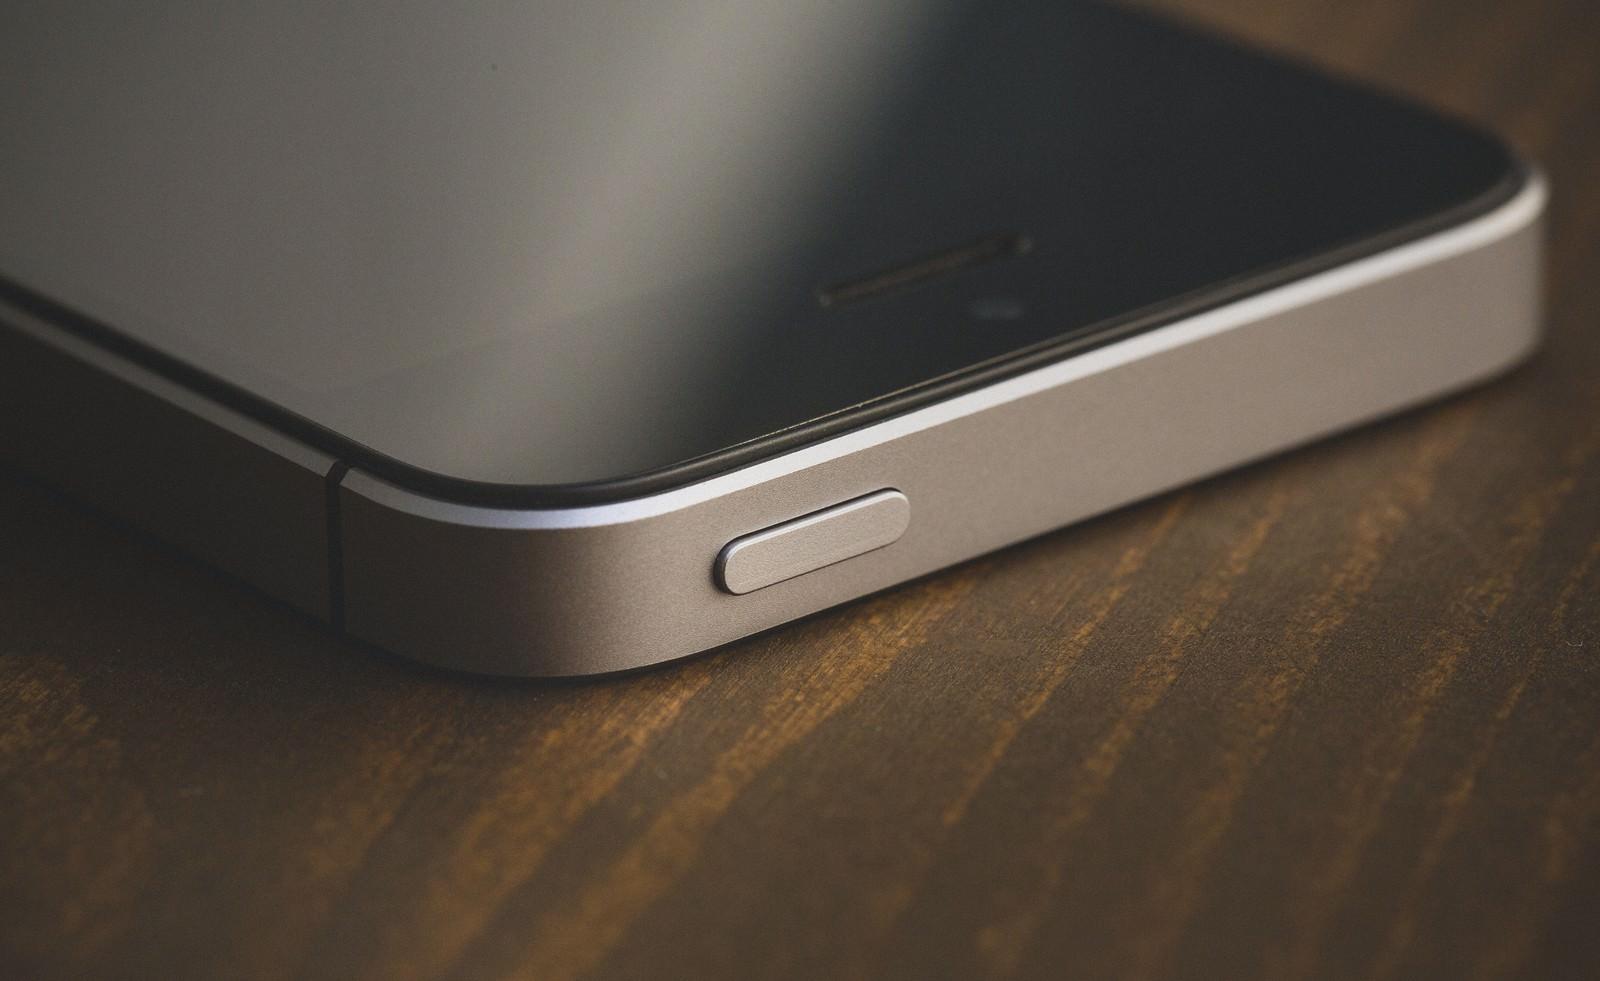 「スマートフォンの電源ボタンスマートフォンの電源ボタン」のフリー写真素材を拡大